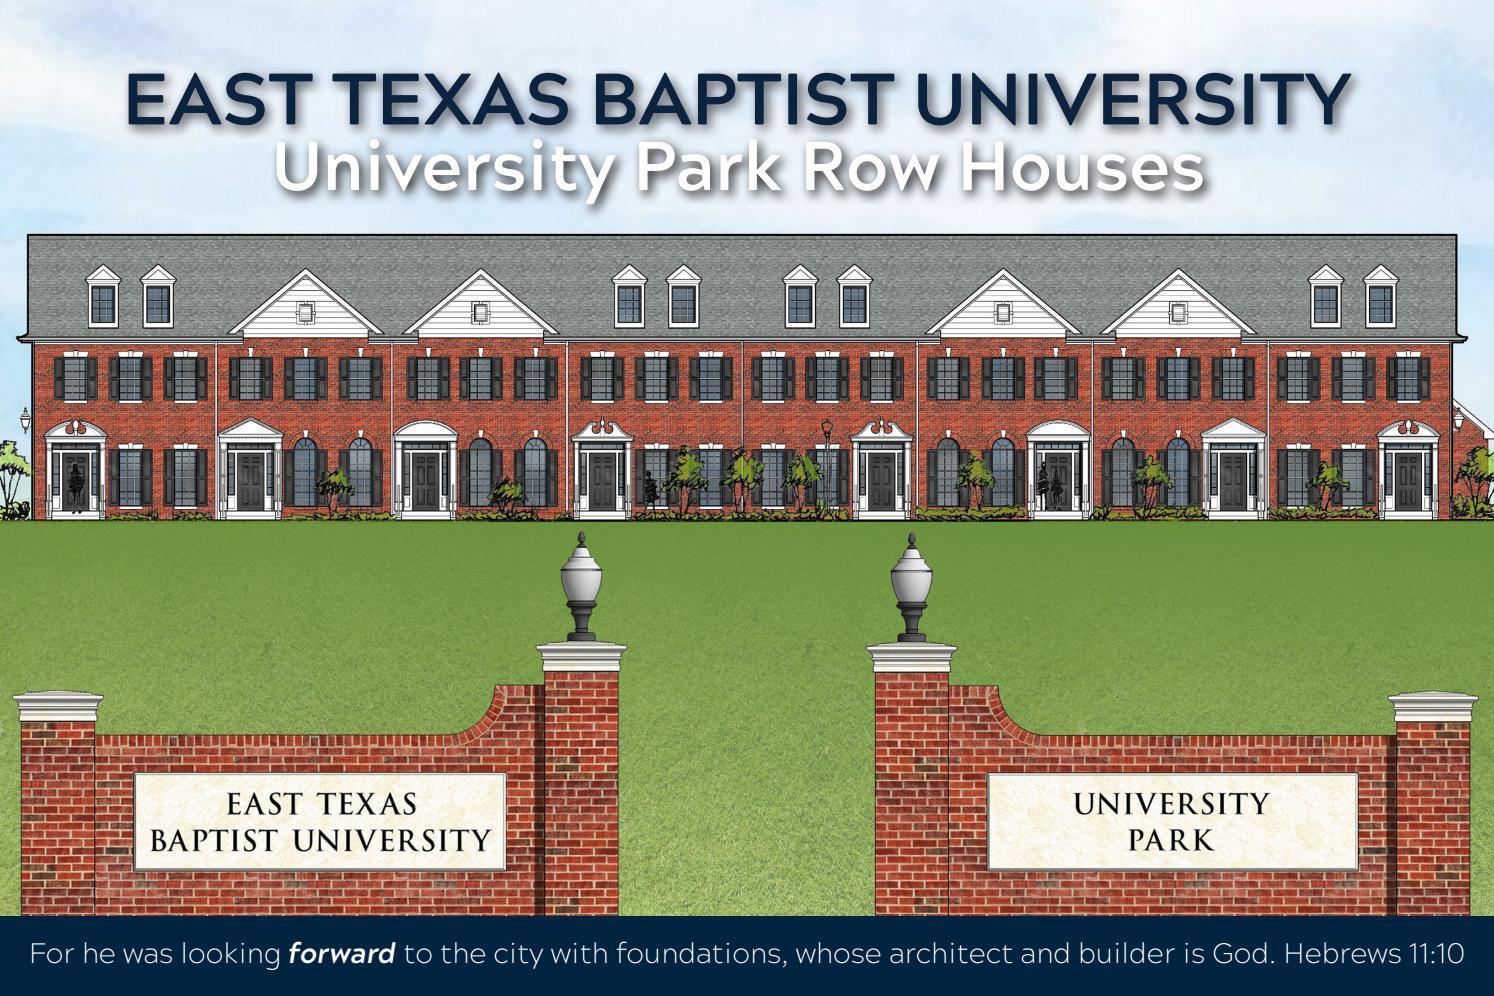 University Park Row Houses By East Texas Baptist